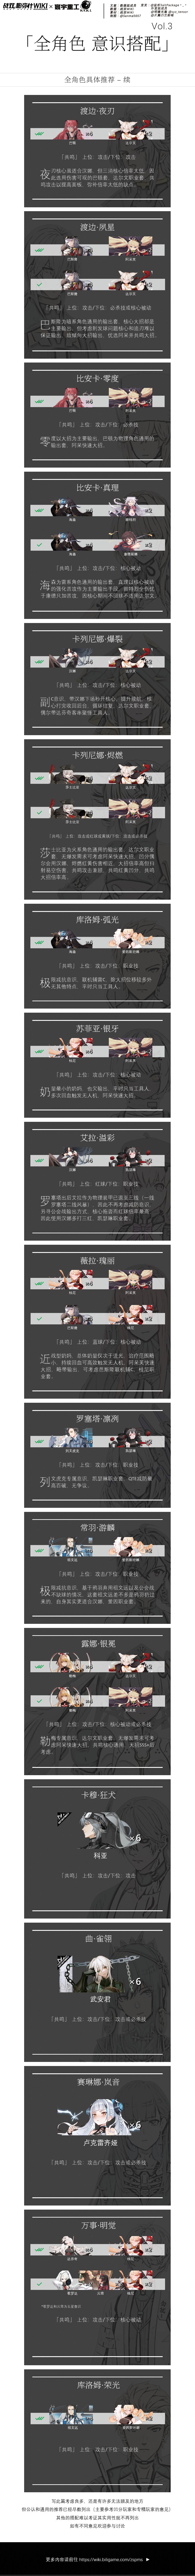 全角色意识搭配Vol.3.png